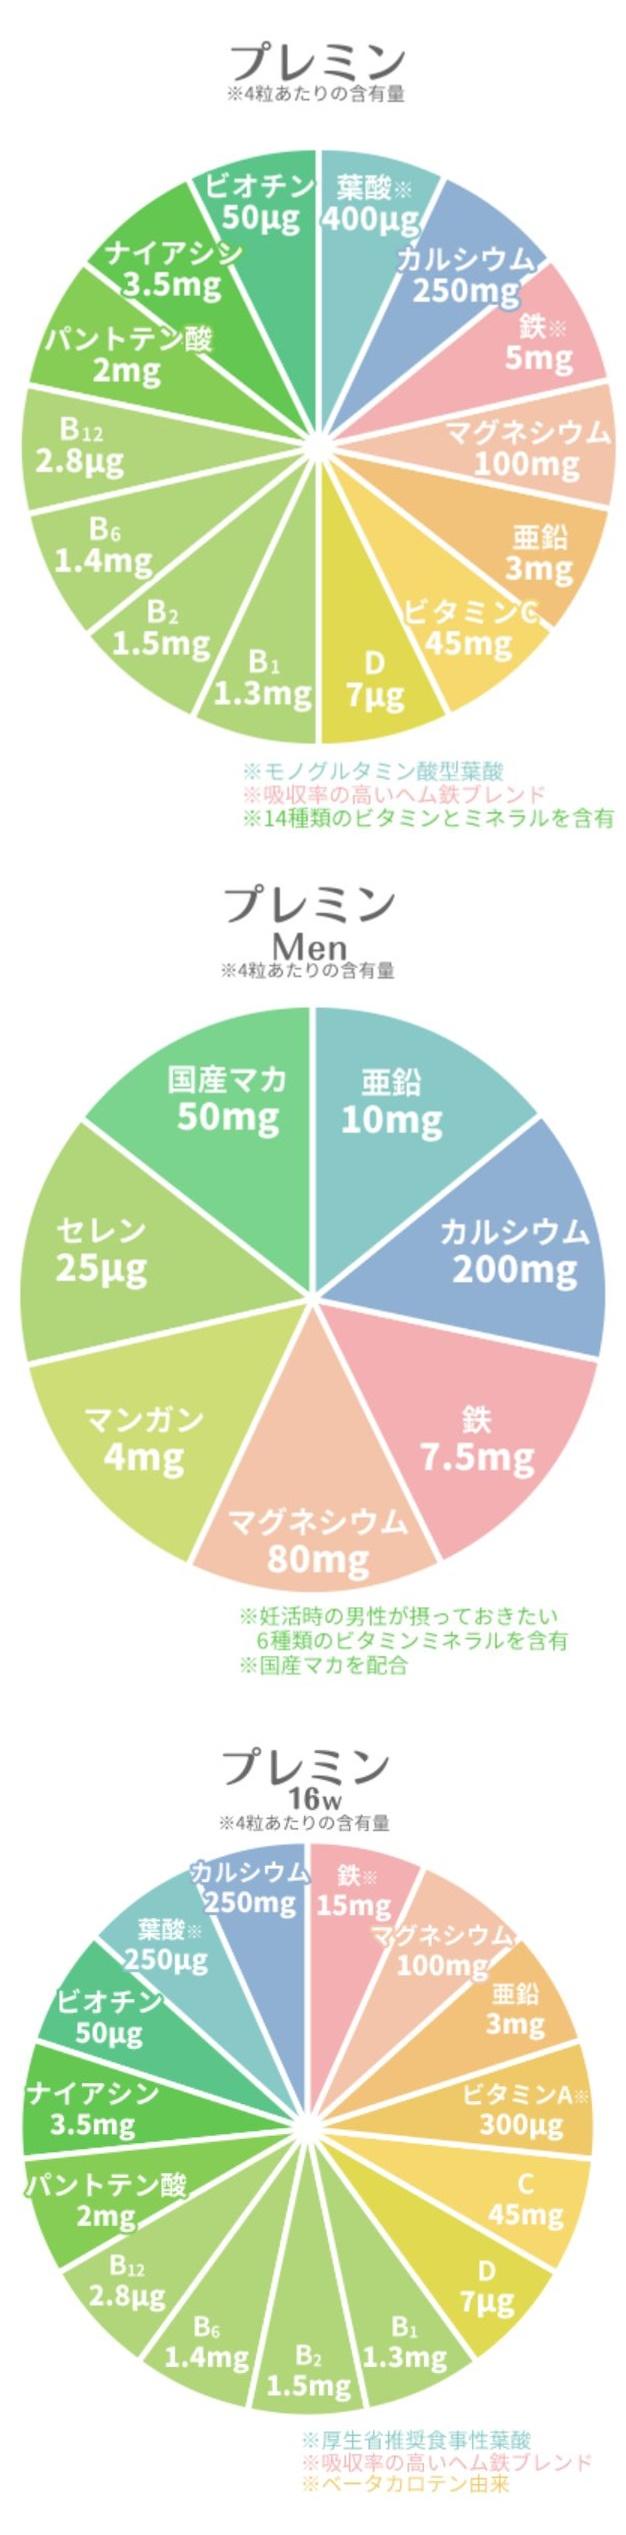 プレミン葉酸「妊活~15w」「16w~出産」「MEN」「出産後授乳時」成分